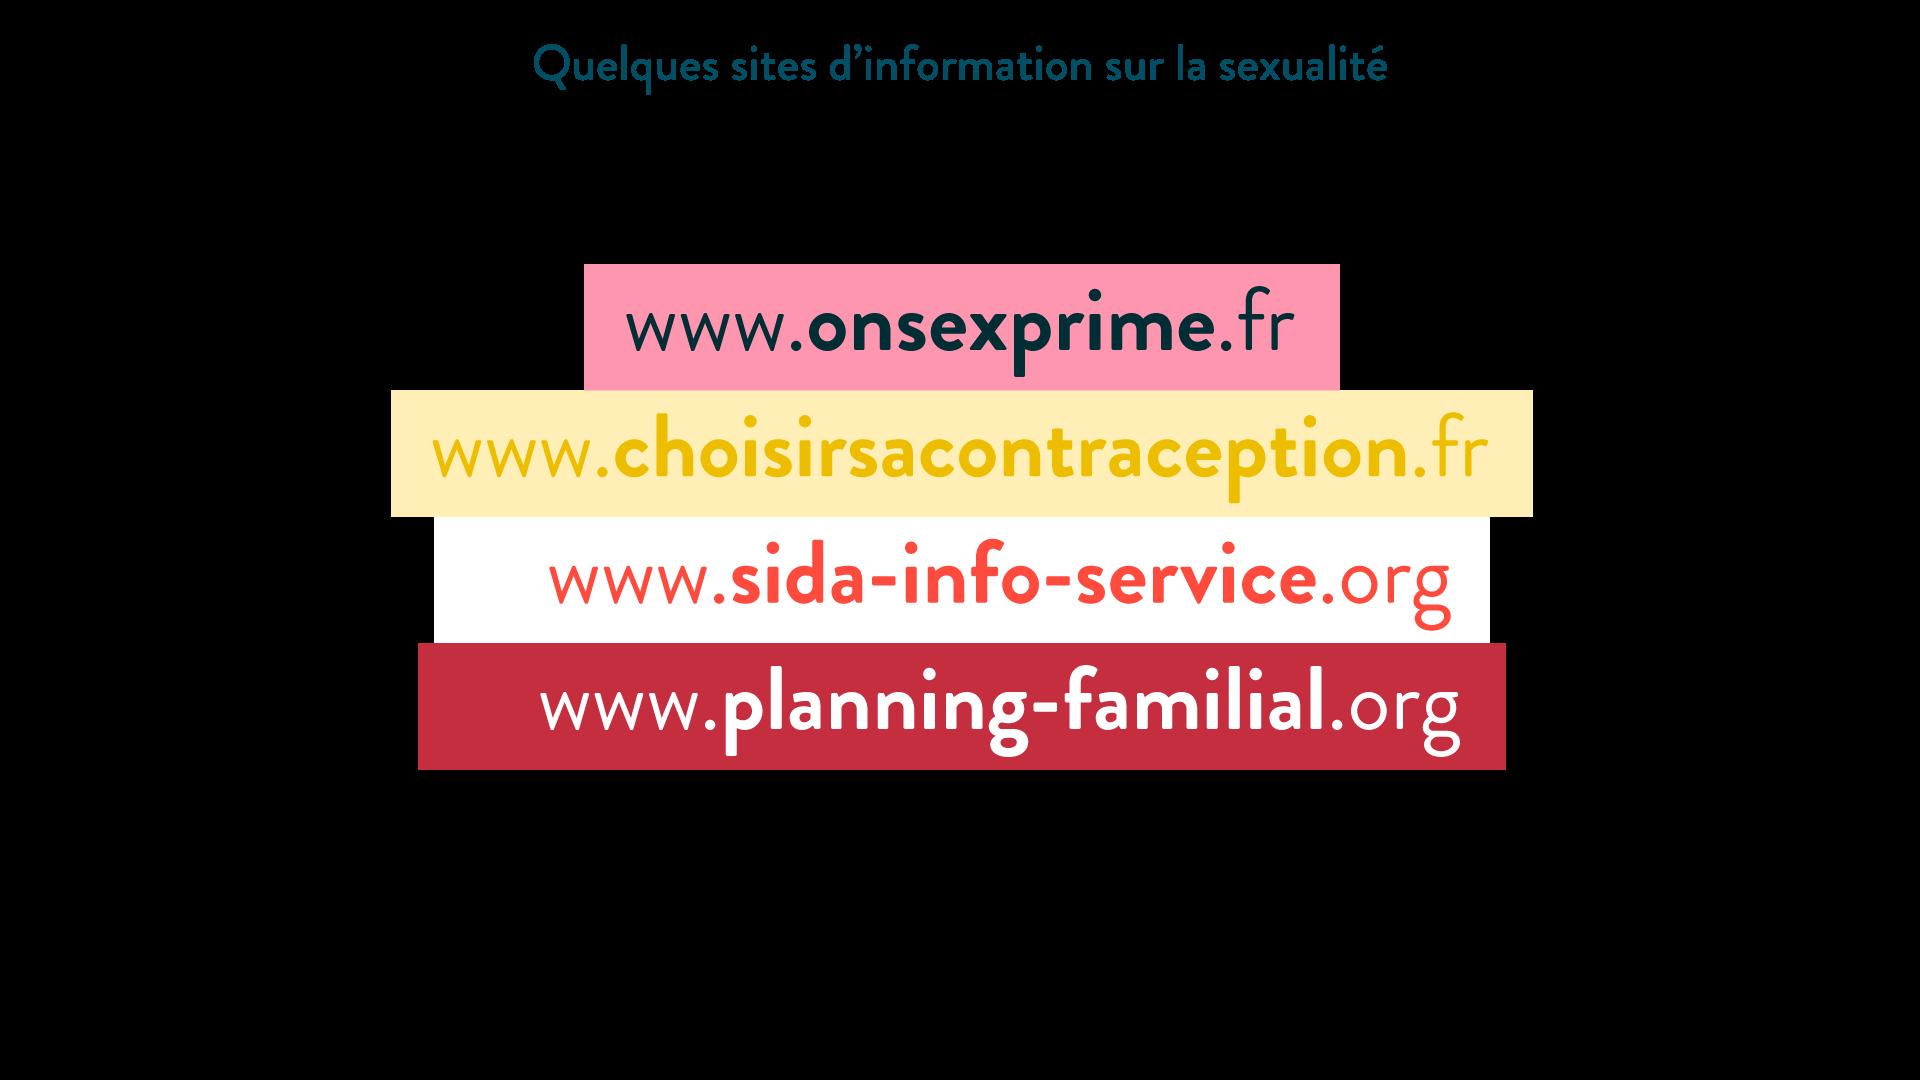 Quelques sites d'information sur la sexualité